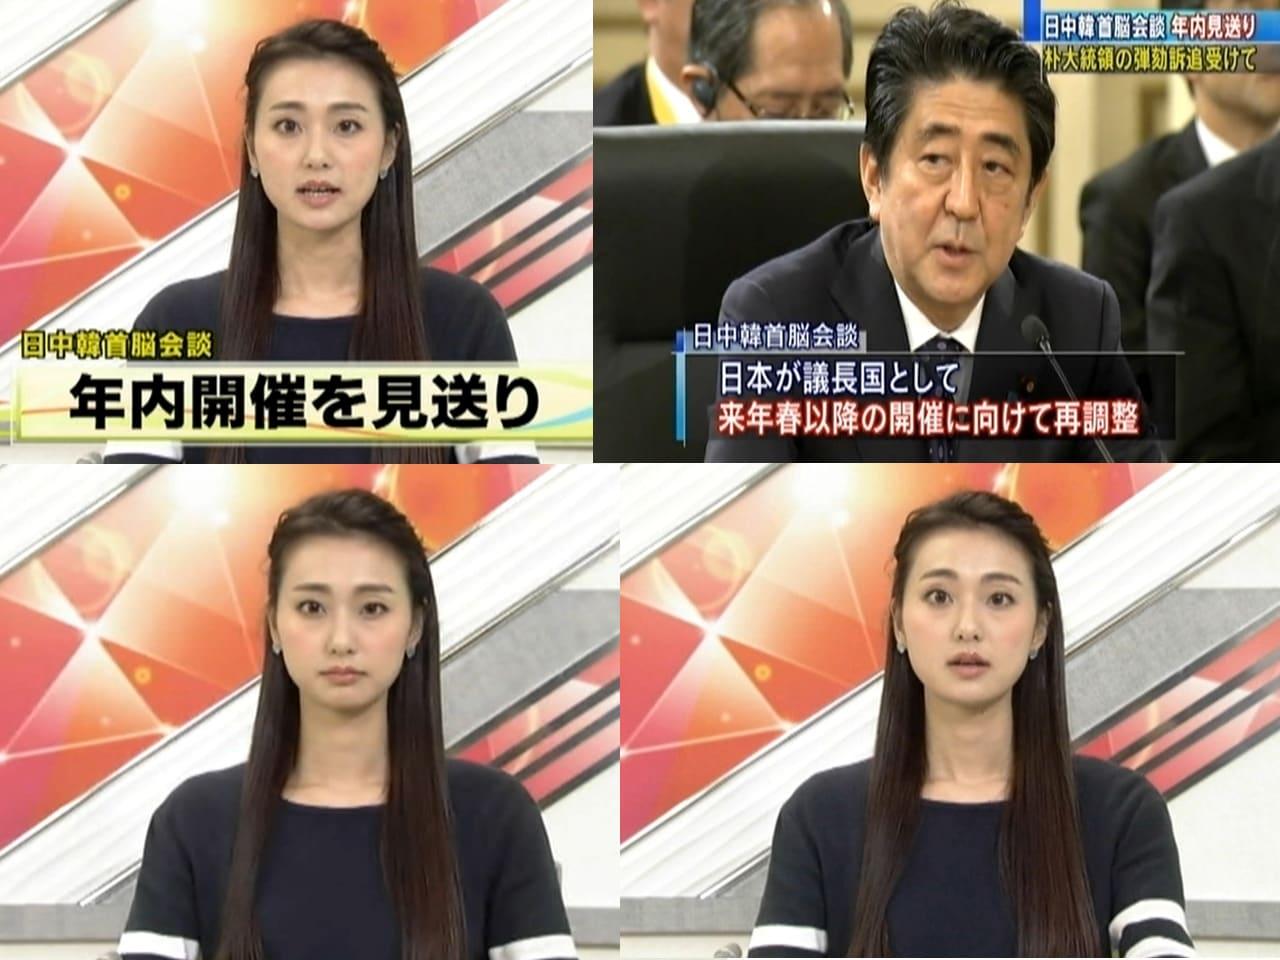 『テレビ』 ジャンルのランキング コメント 本間 智恵 日中韓首脳会談・年内開催を見送り